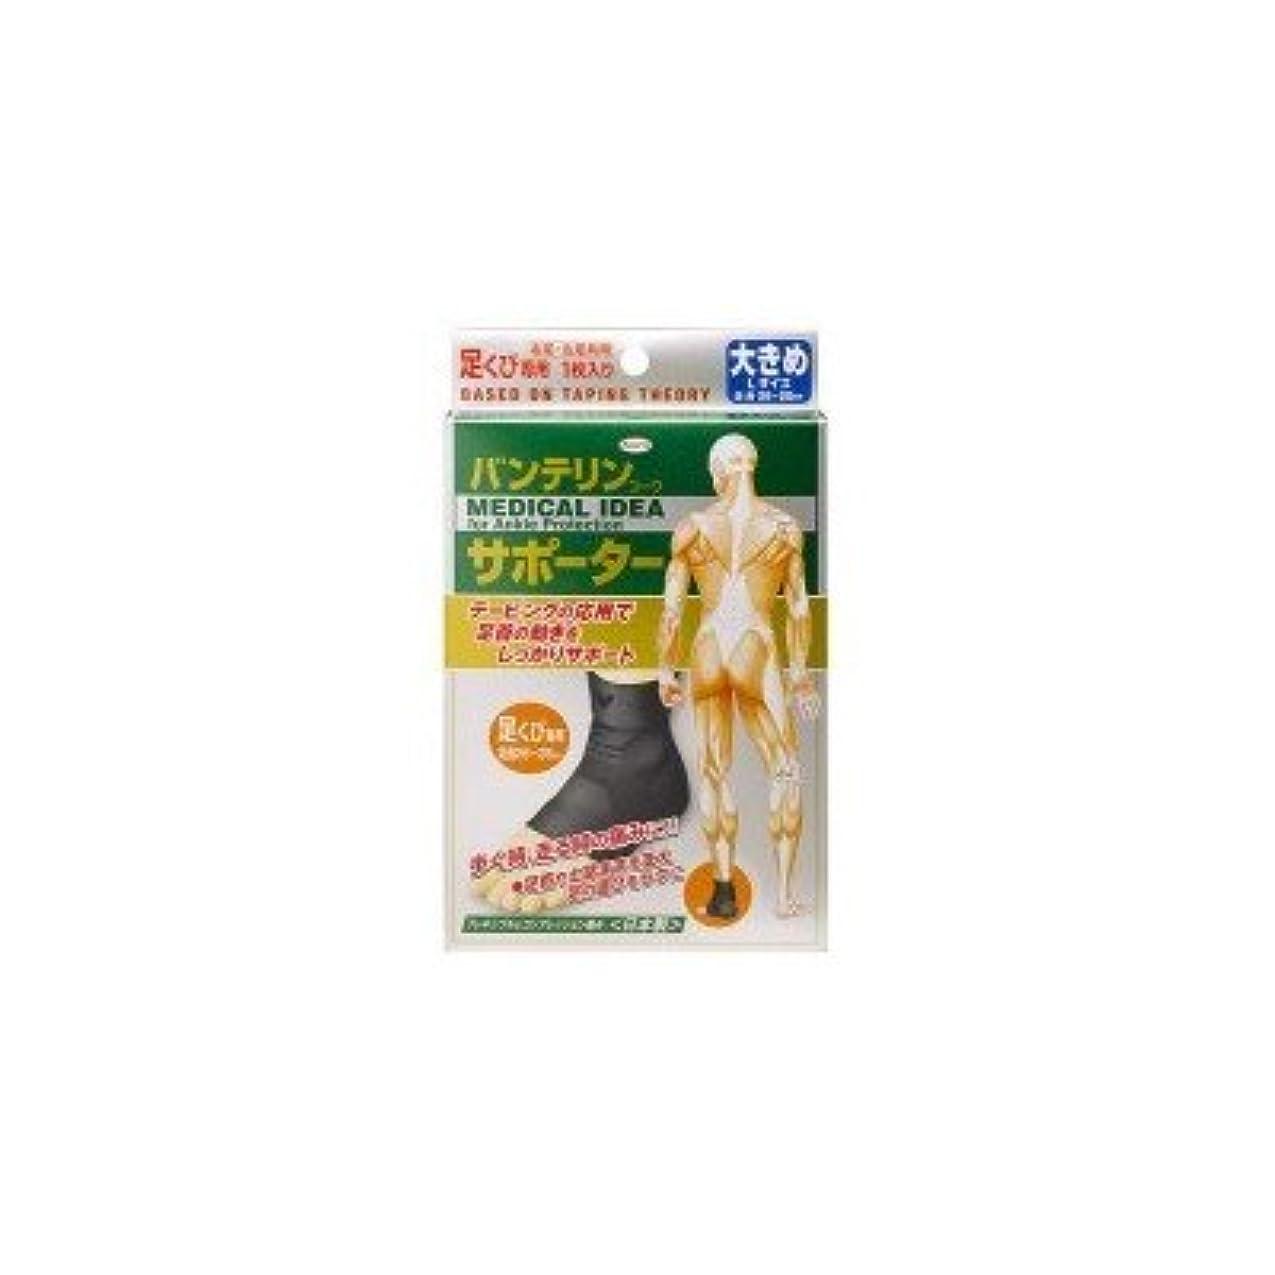 変色するレギュラーサロン興和(コーワ) バンテリンコーワサポーター 足くび専用 大きめLサイズ ブラック